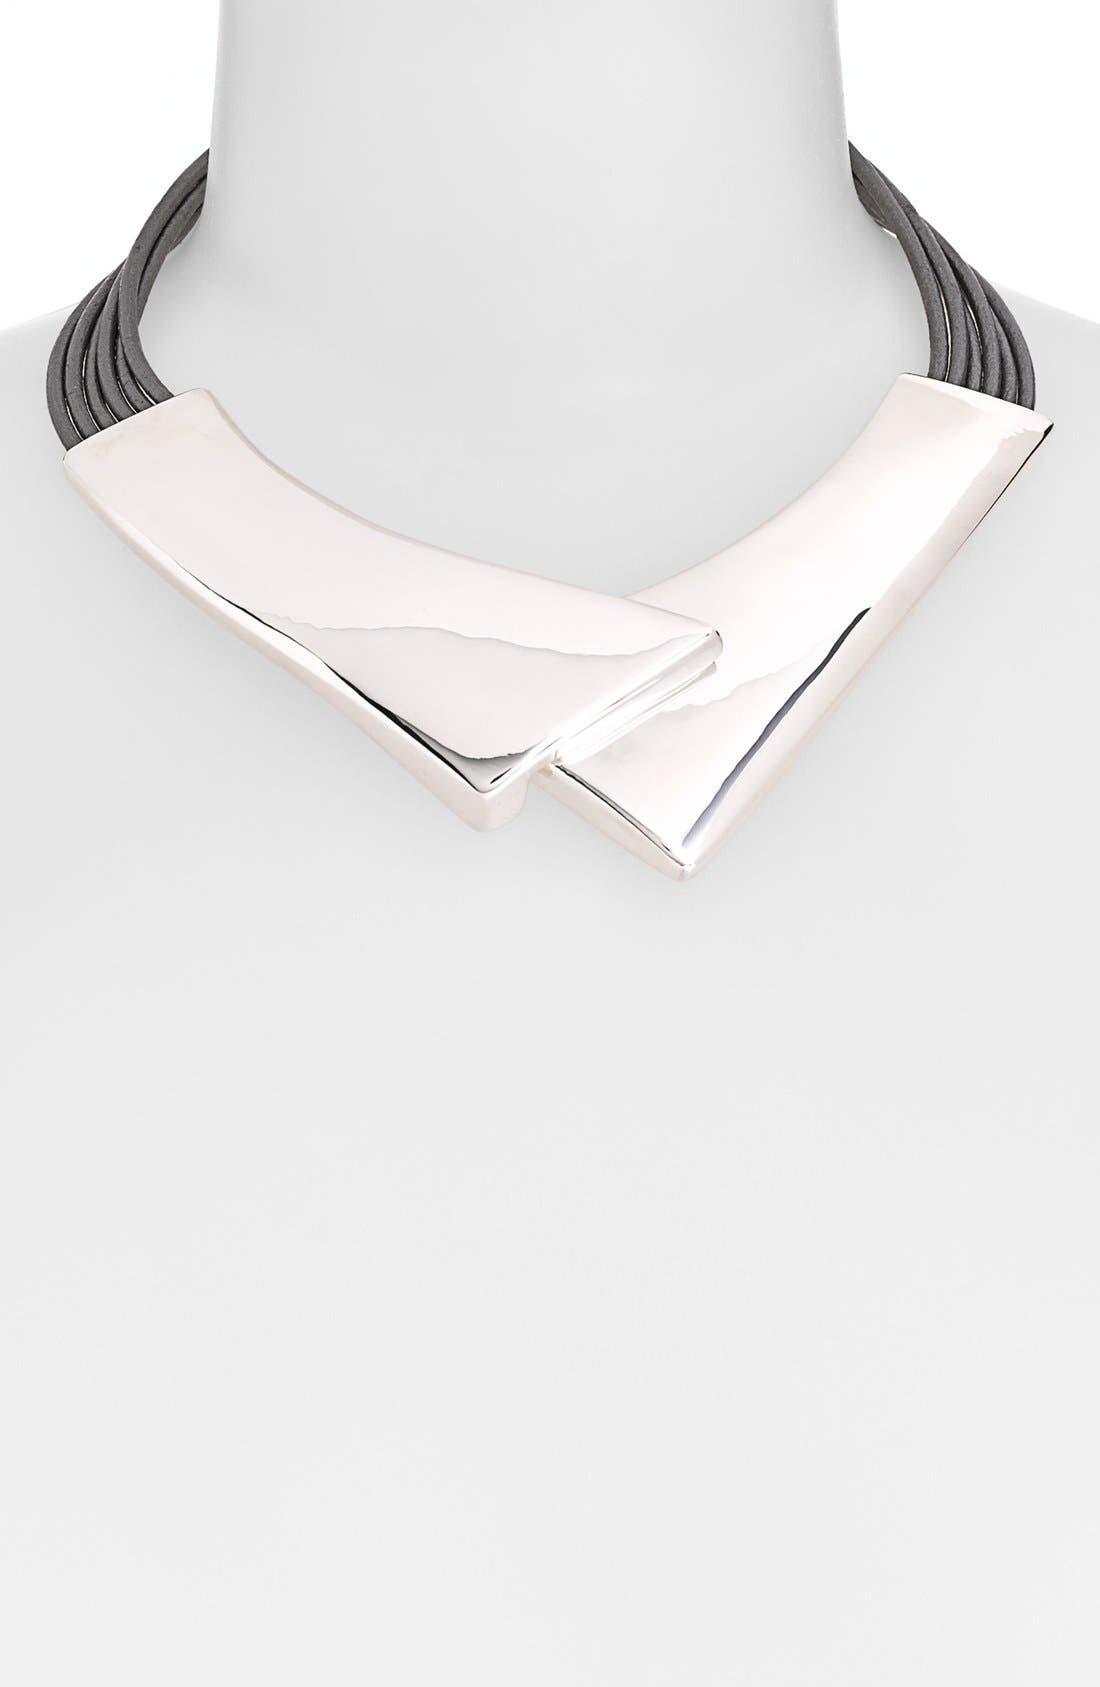 Alternate Image 1 Selected - Simon Sebbag 'Black & Silver' Collar Necklace